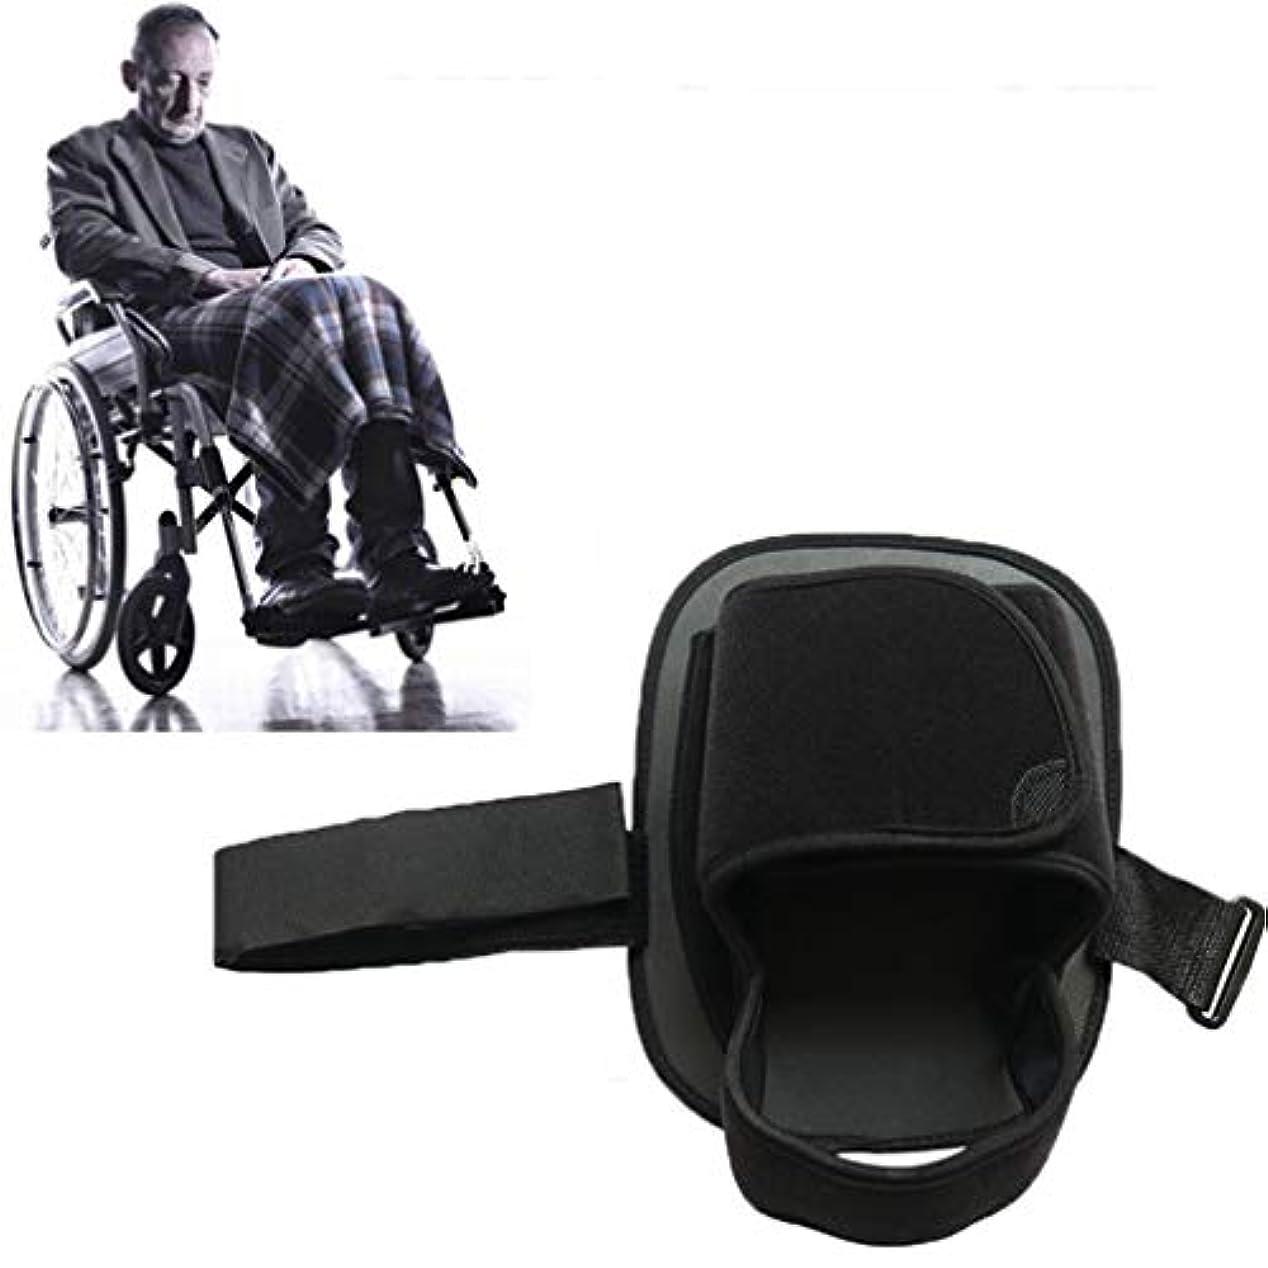 歴史家ラインナップ安息車椅子靴ホルダーストラップ安全拘束シューズ(1ペア)高齢者の患者のための車いすペダルフット休符から滑り落ちるの足をキープ